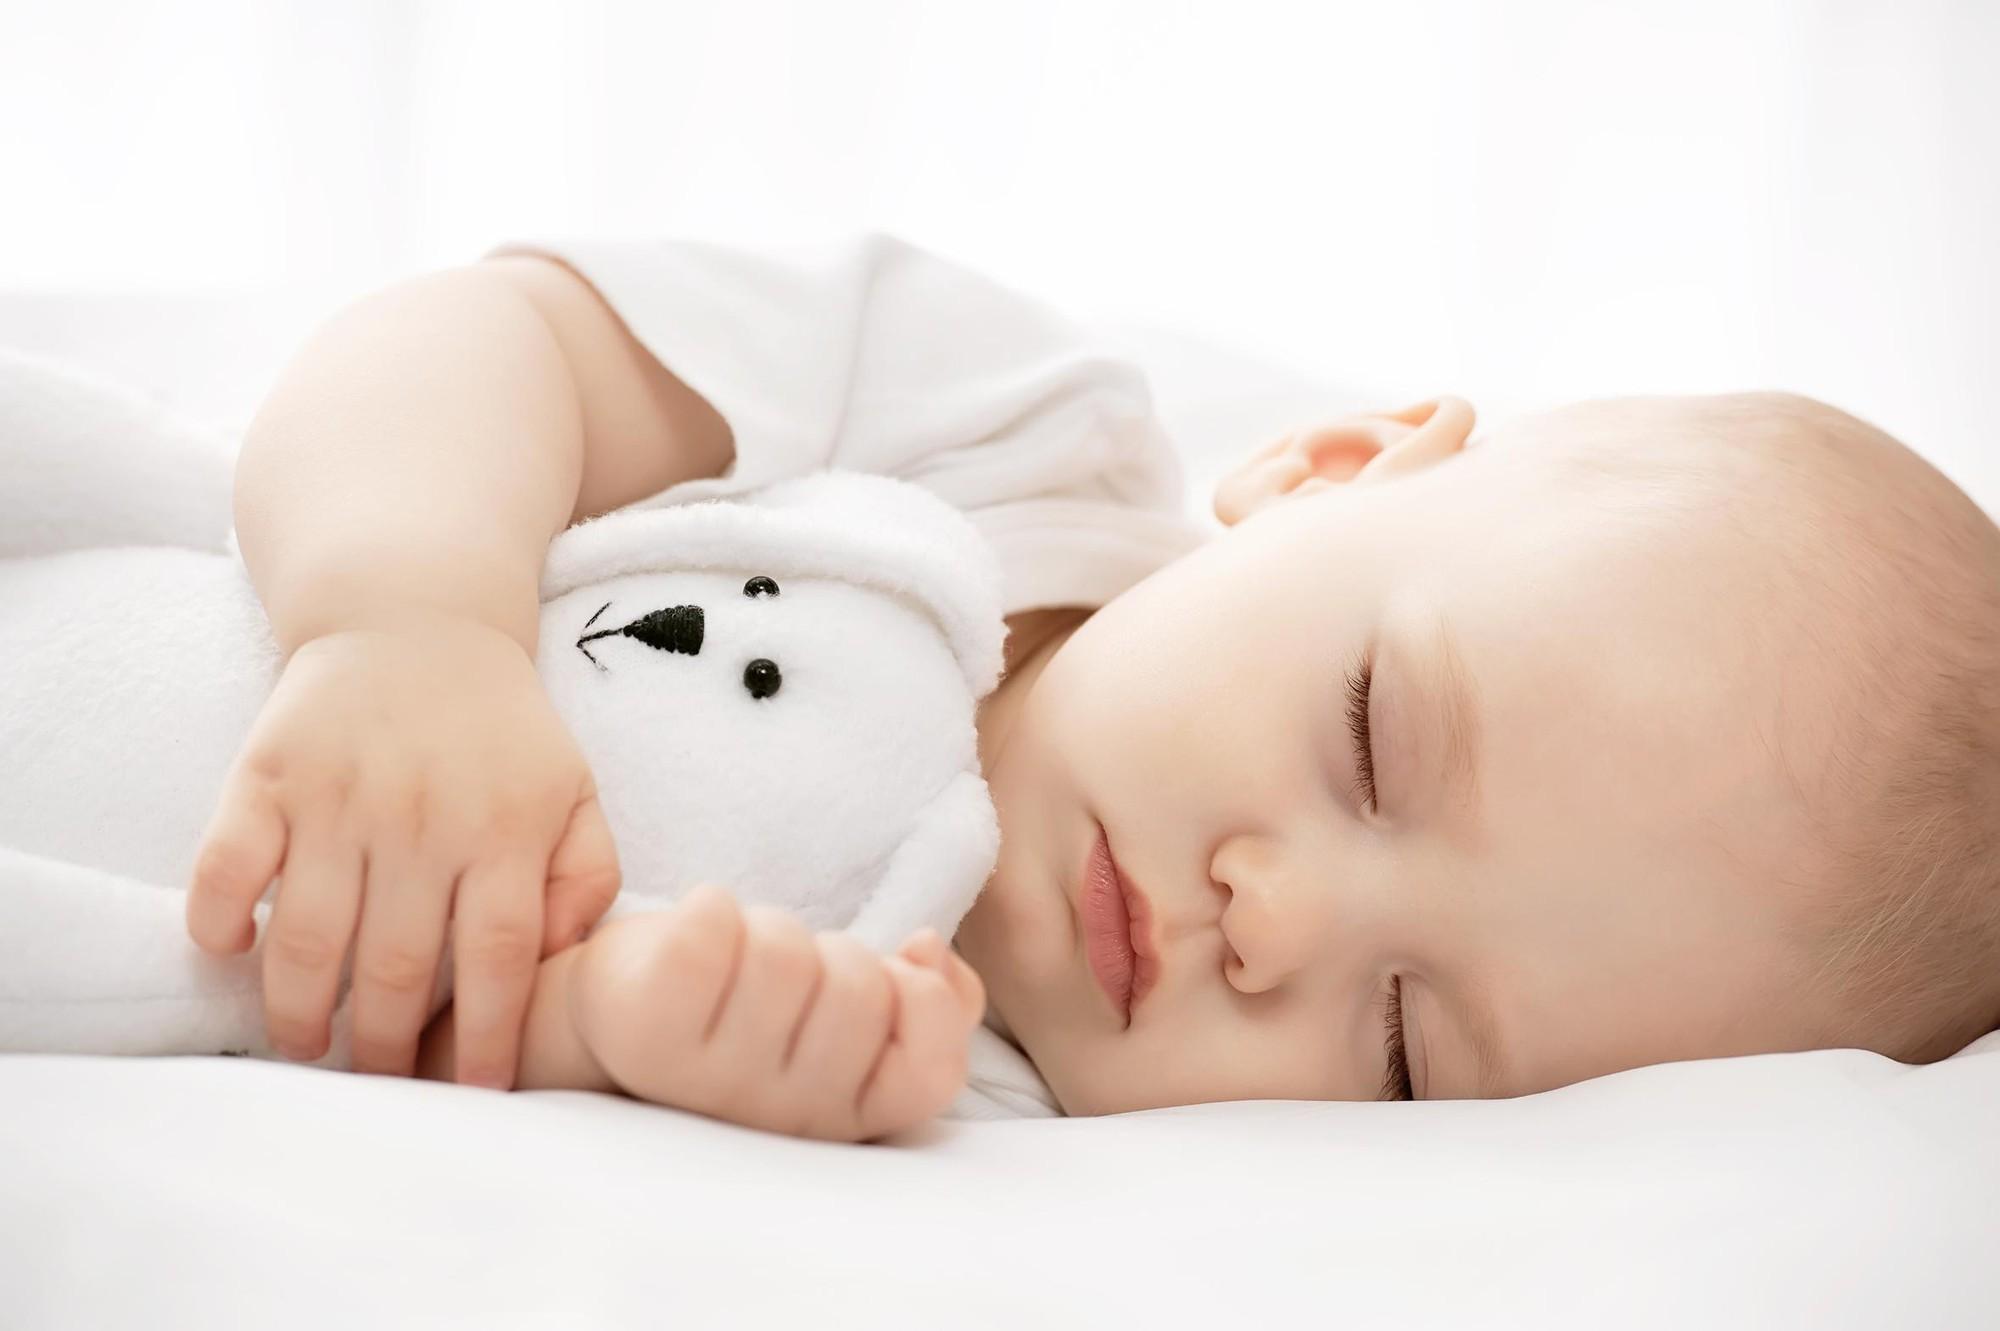 Trẻ ngủ sai tư thế: Mẹ sai lầm, con gánh hậu quả - Ảnh 3.